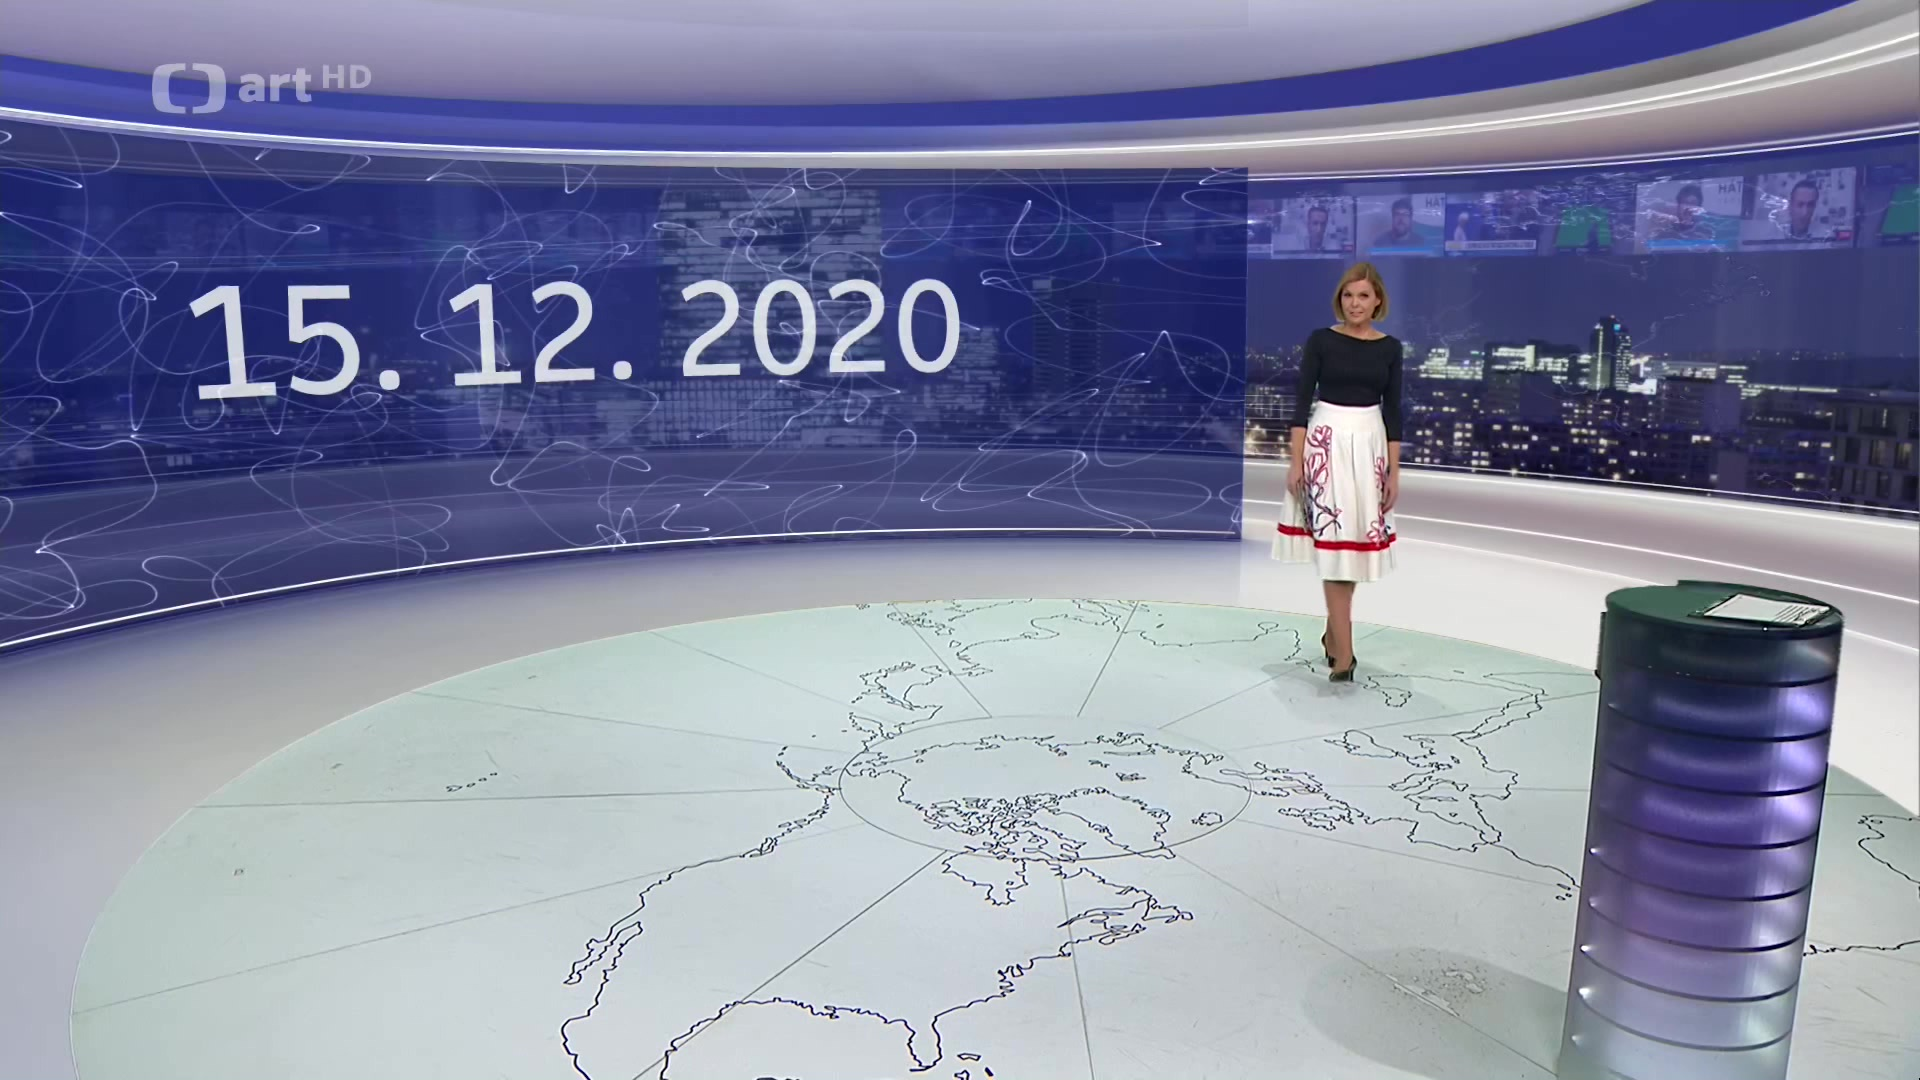 vlcsnap-2020-12-16-00h43m50s207.jpg